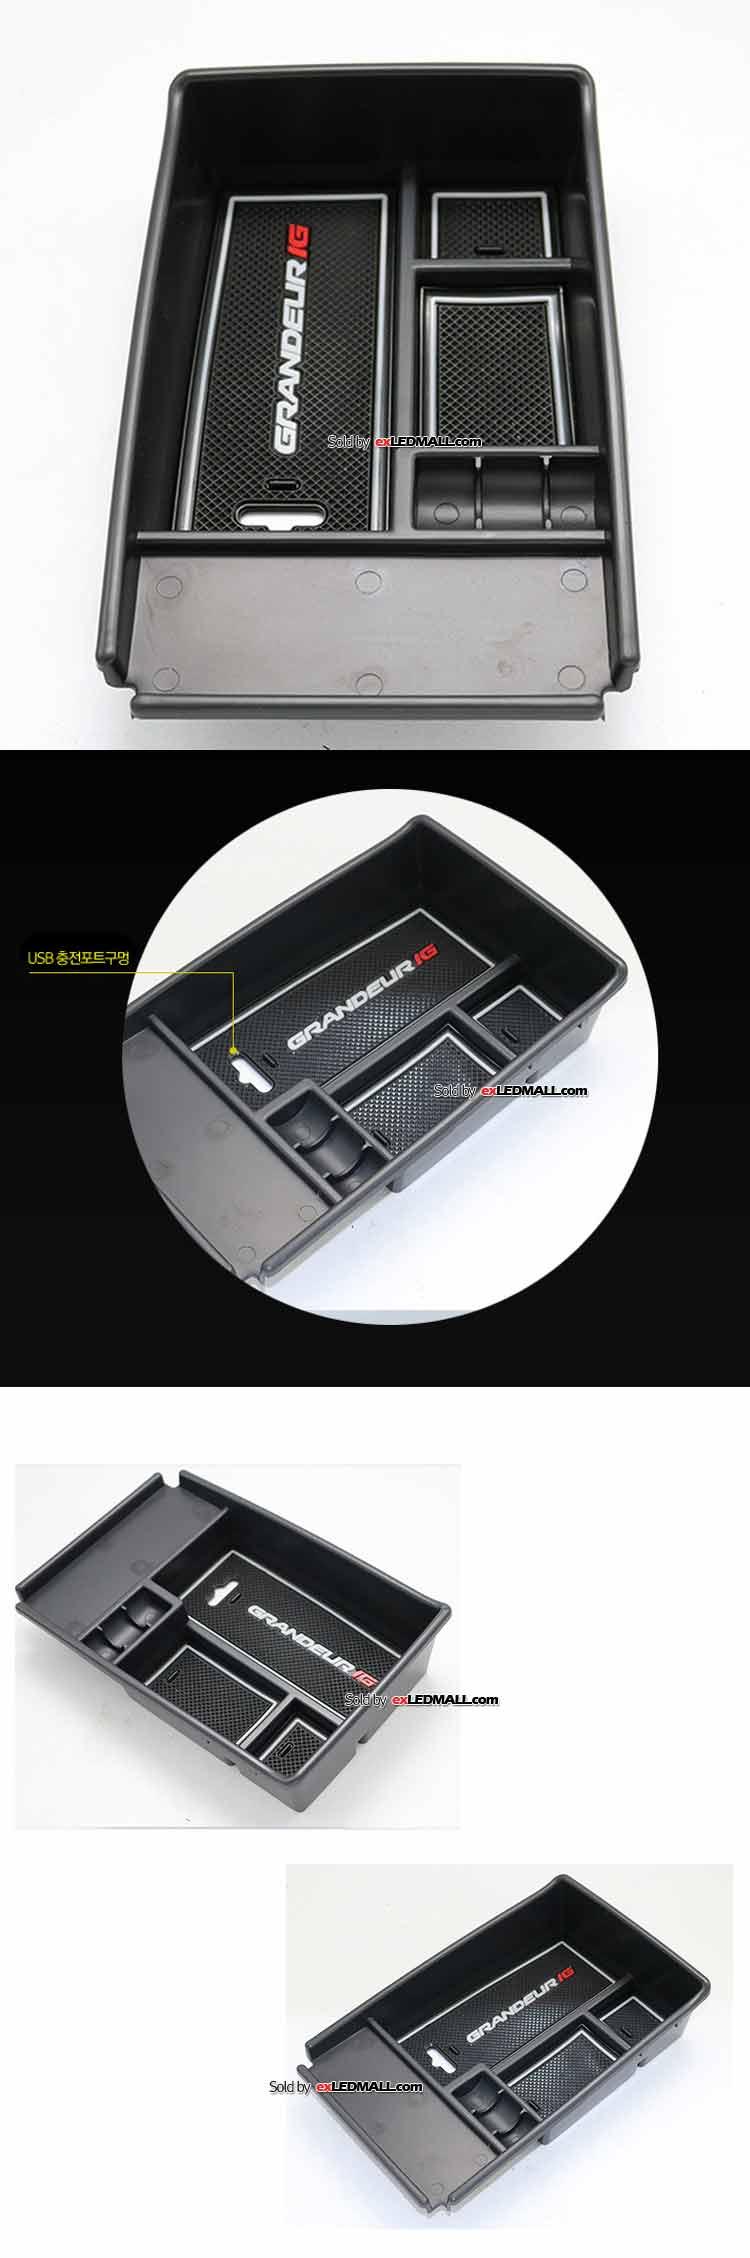 미끄럼 방지 매트형 - 콘솔 트레이 - 그랜져 IG